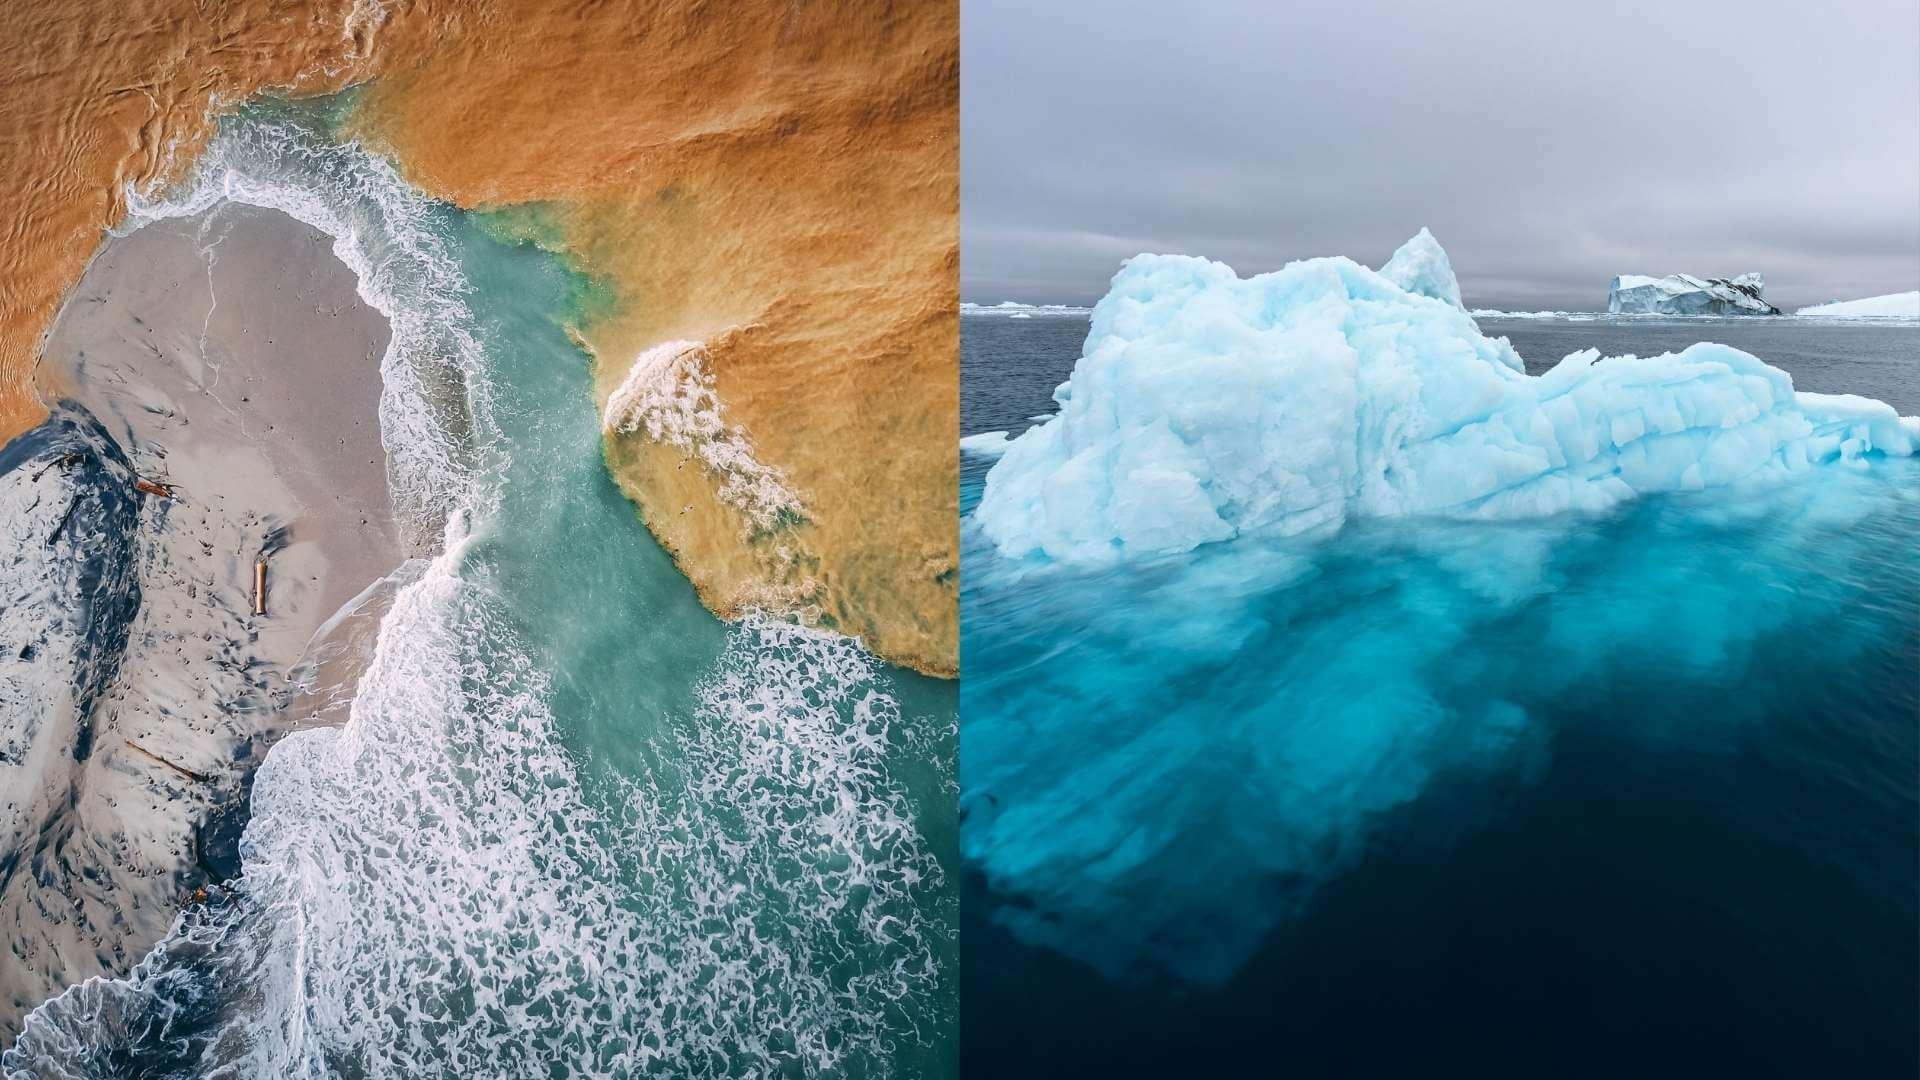 Dublu dezastru climatic: oceanele sunt inundate de carbon, iar topirea ghețarilor eliberează cantități uriașe de metan